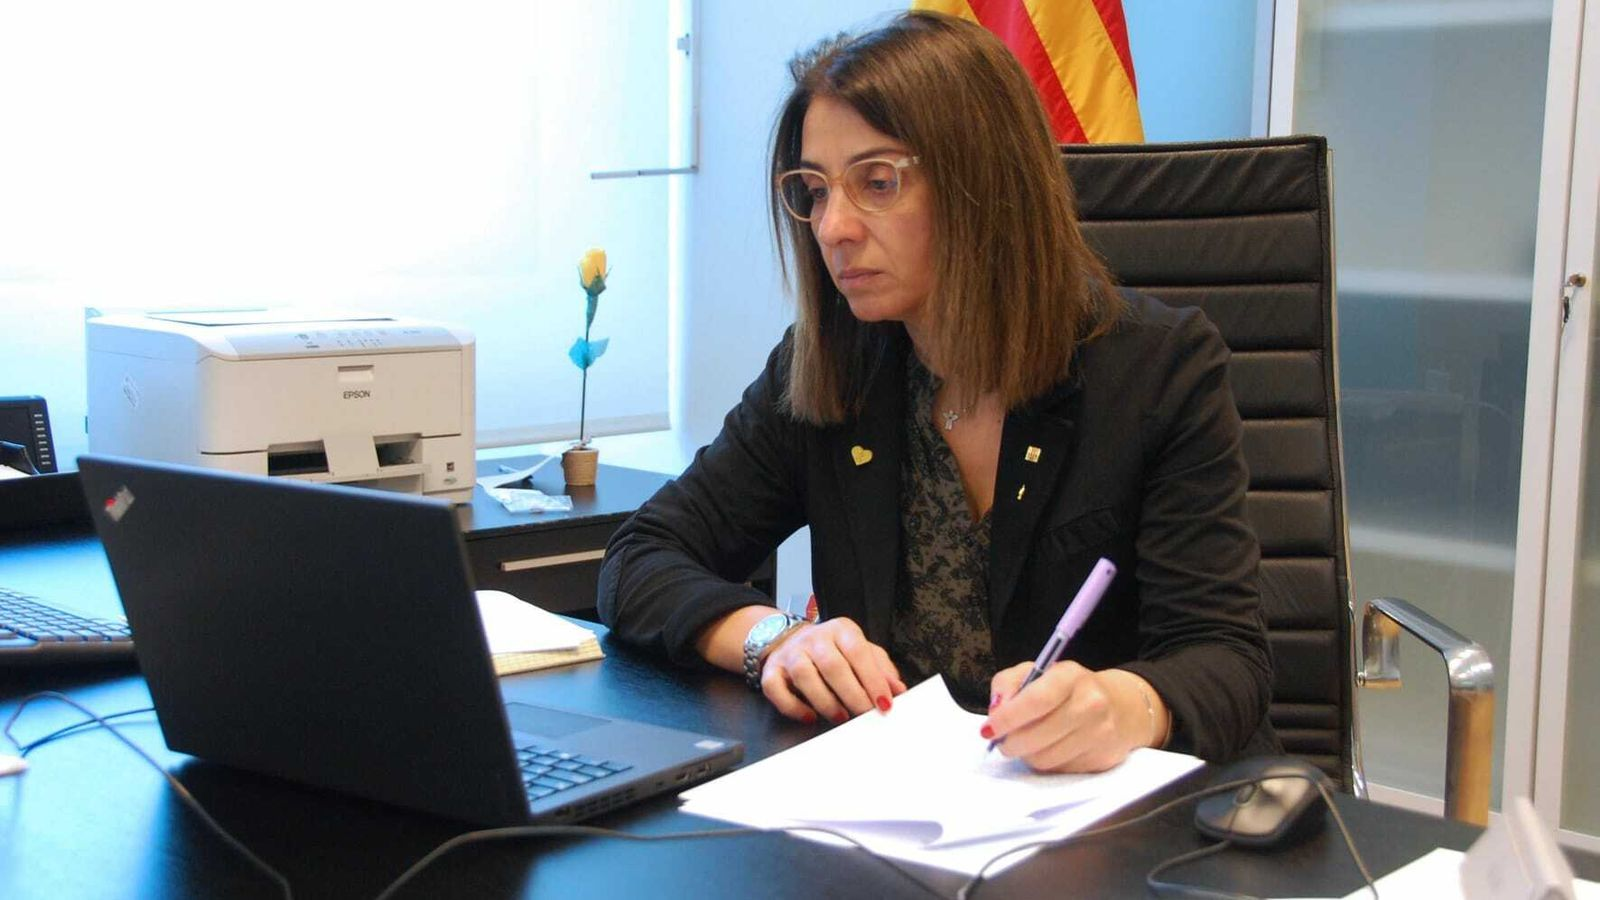 La portaveu, Meritxell Budó, participant en la reunió del Govern per videoconferència.